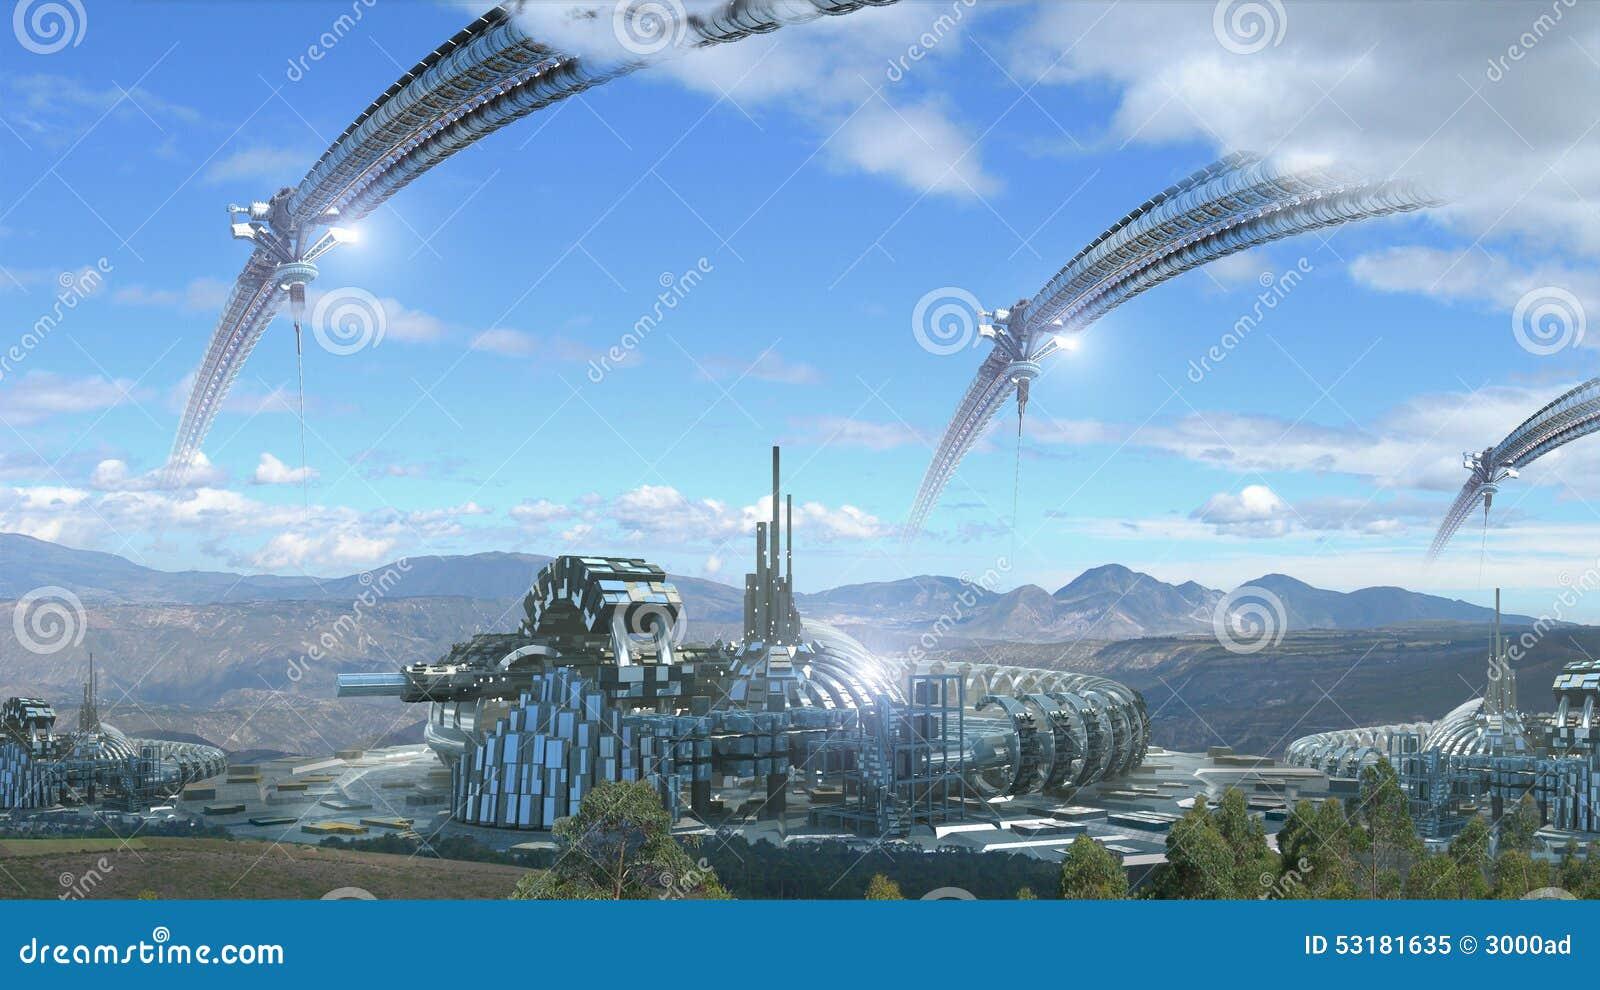 科学幻想小说与风景风景的建筑学综合